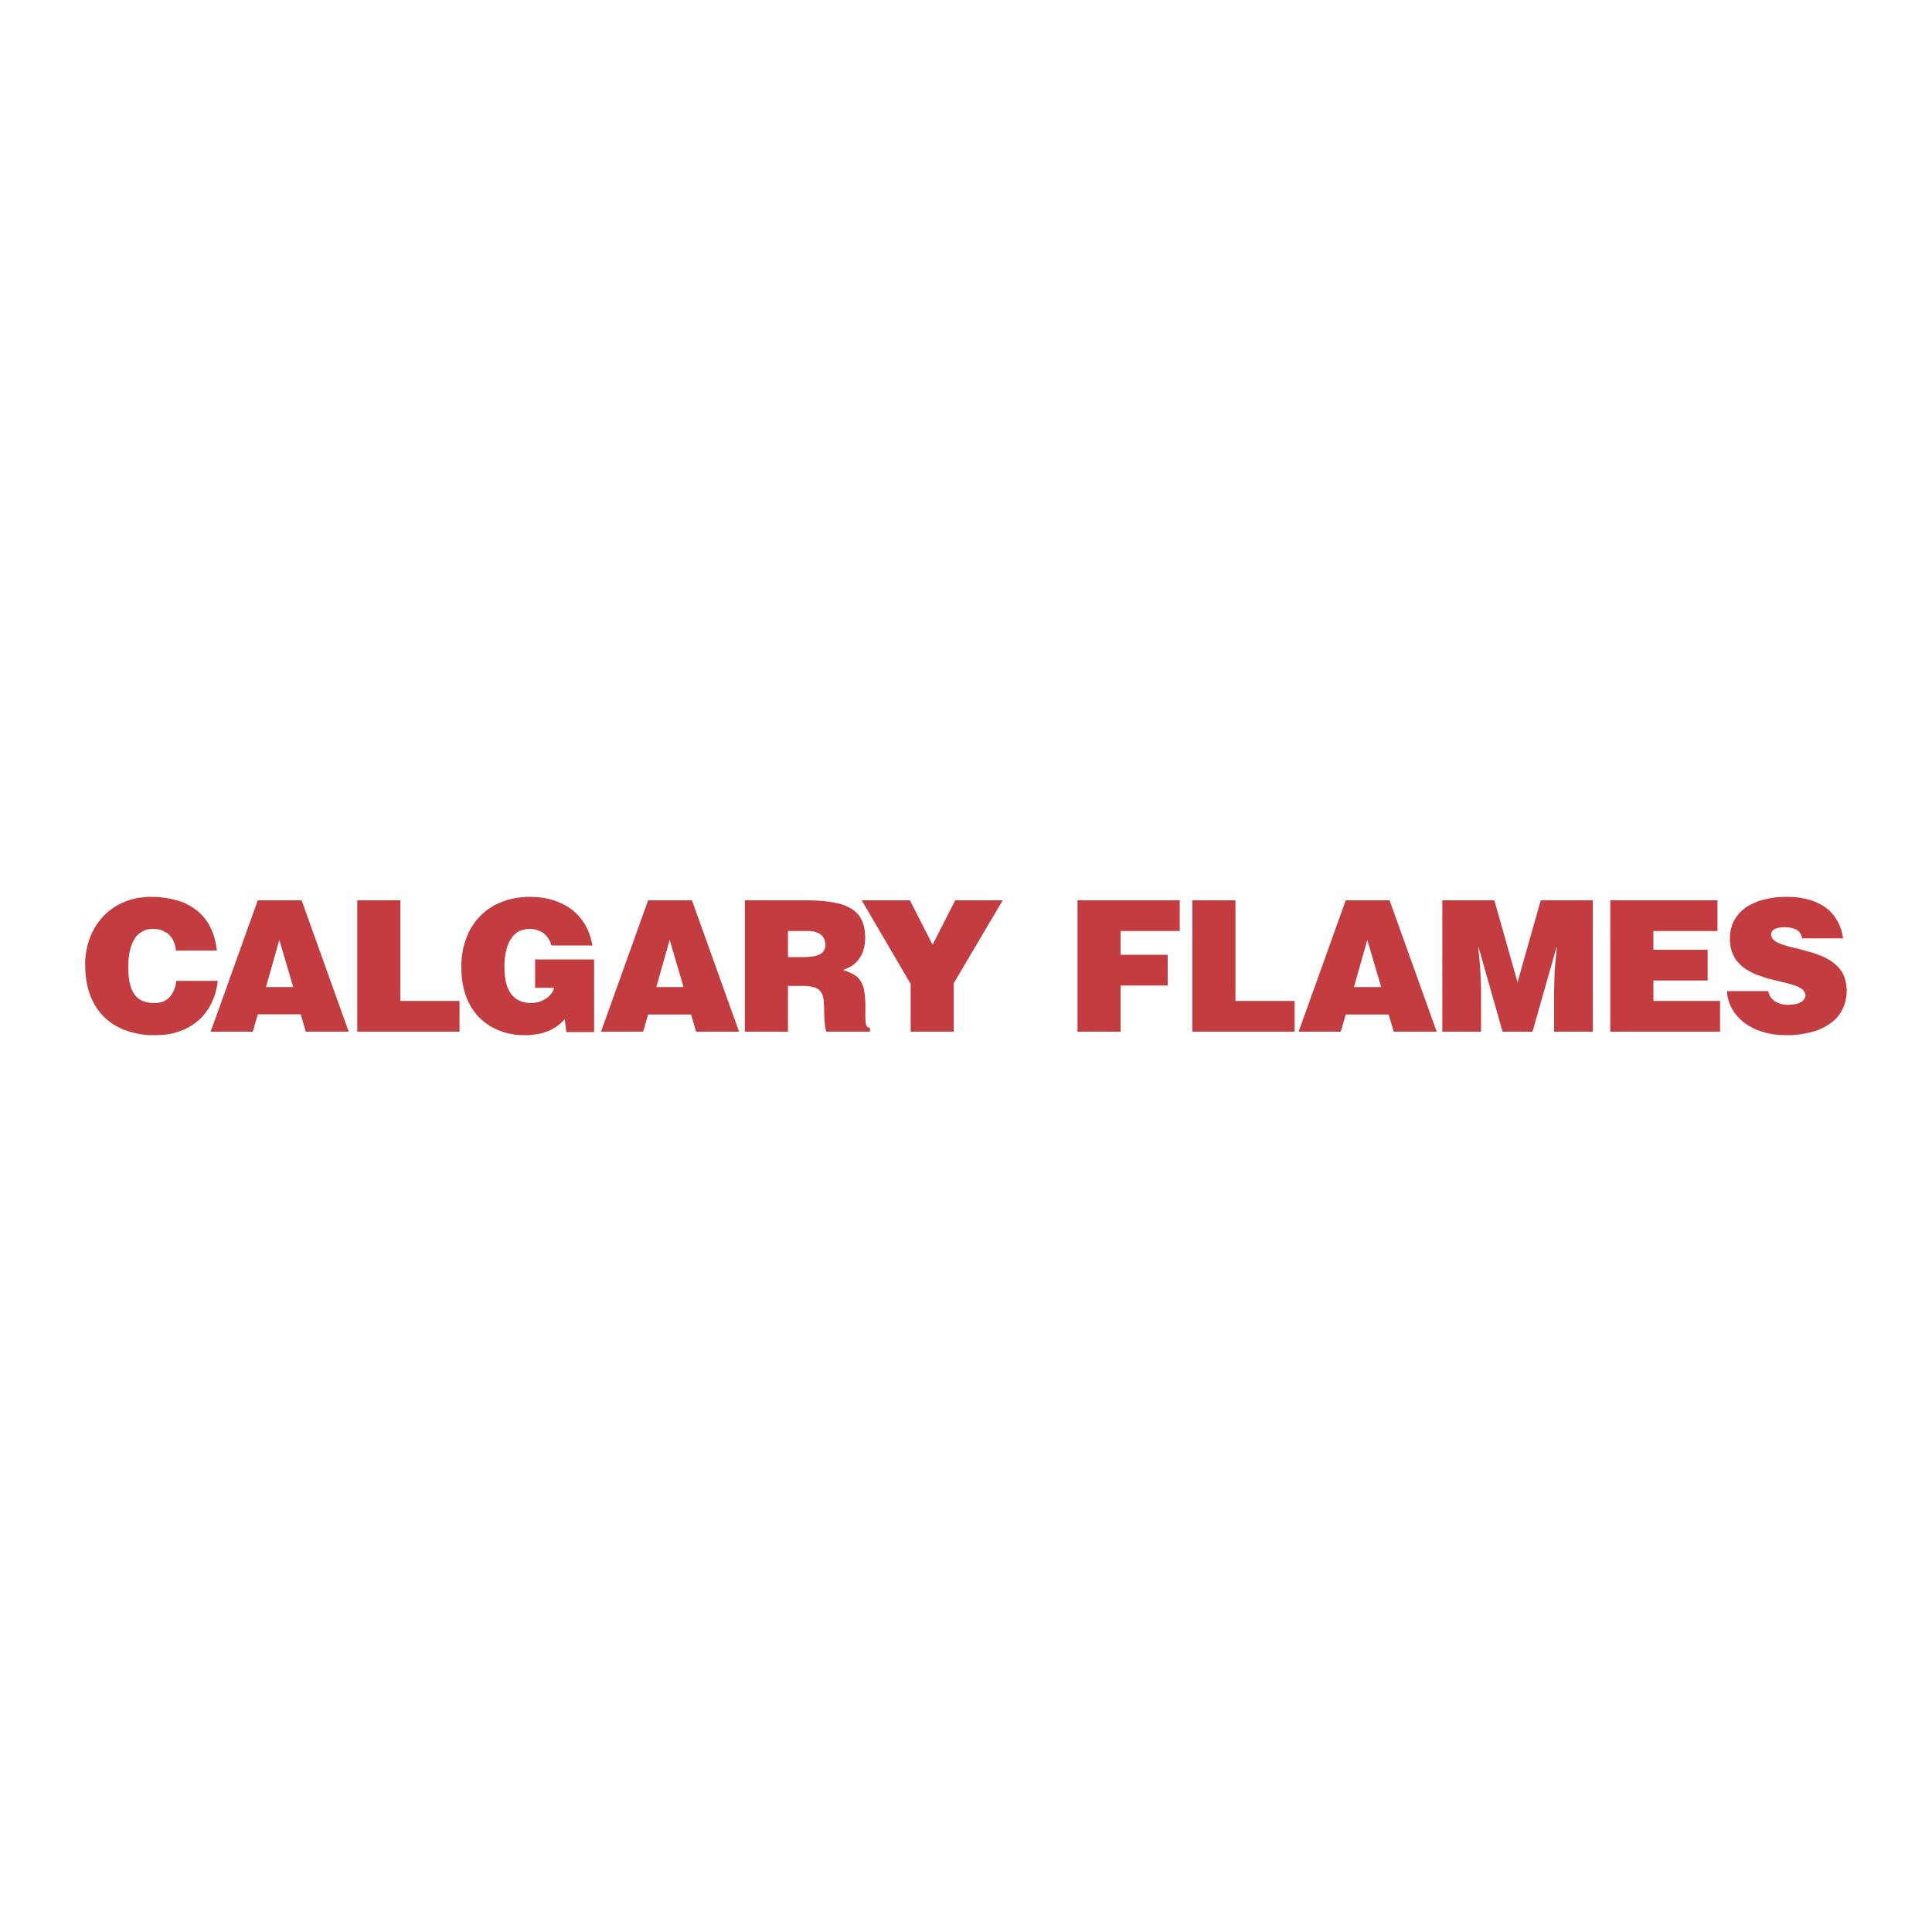 Calgary Flames Logos Download